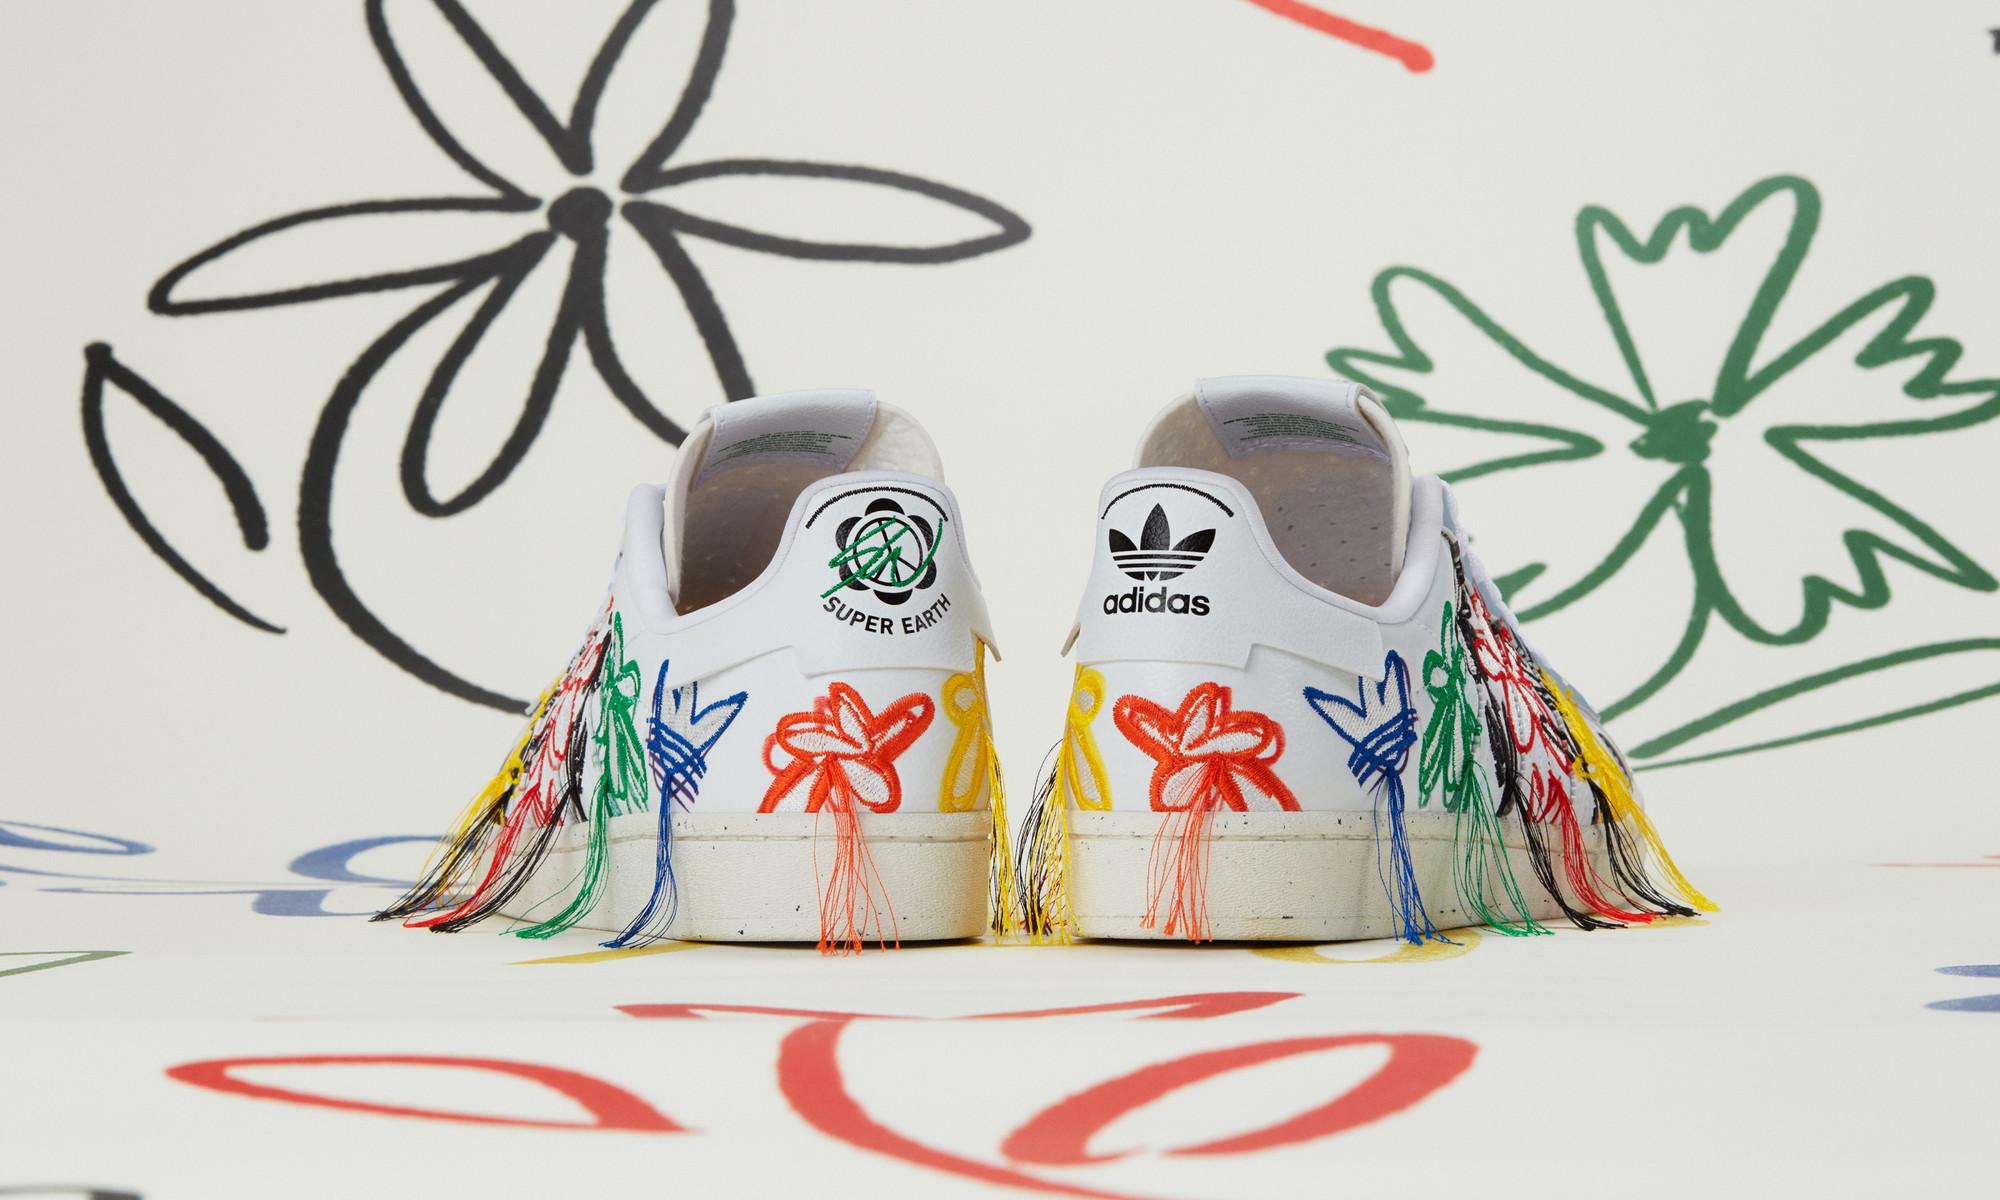 """Die besten Sneakers unter 200 Euro: adidas Superstar x Sean Wotherspoon """"SuperEarth"""""""